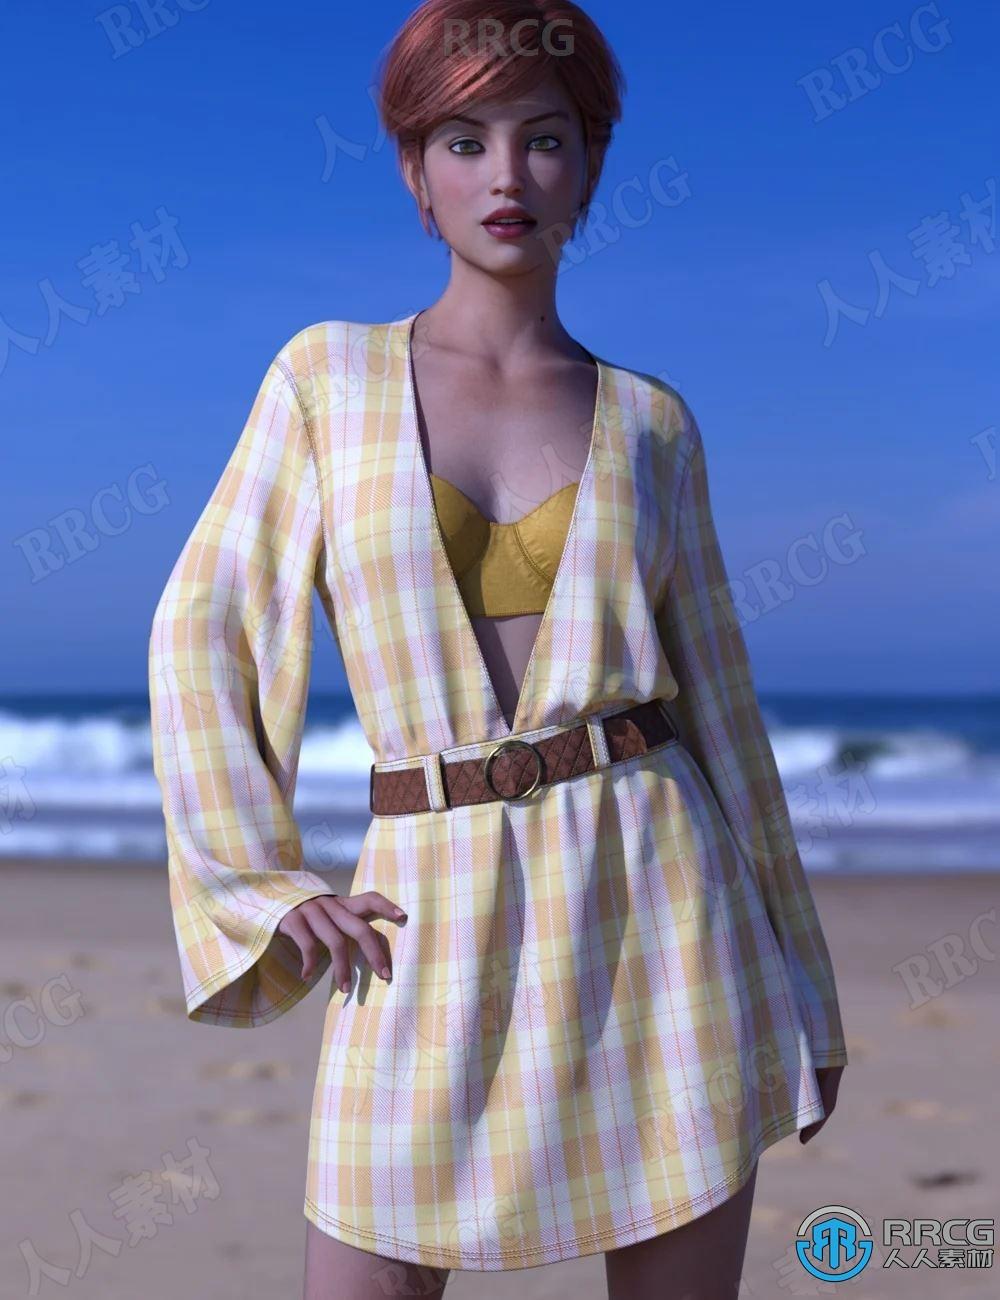 比基尼泳装低V棉质衬衫式连衣裙女性服饰套装3D模型合集